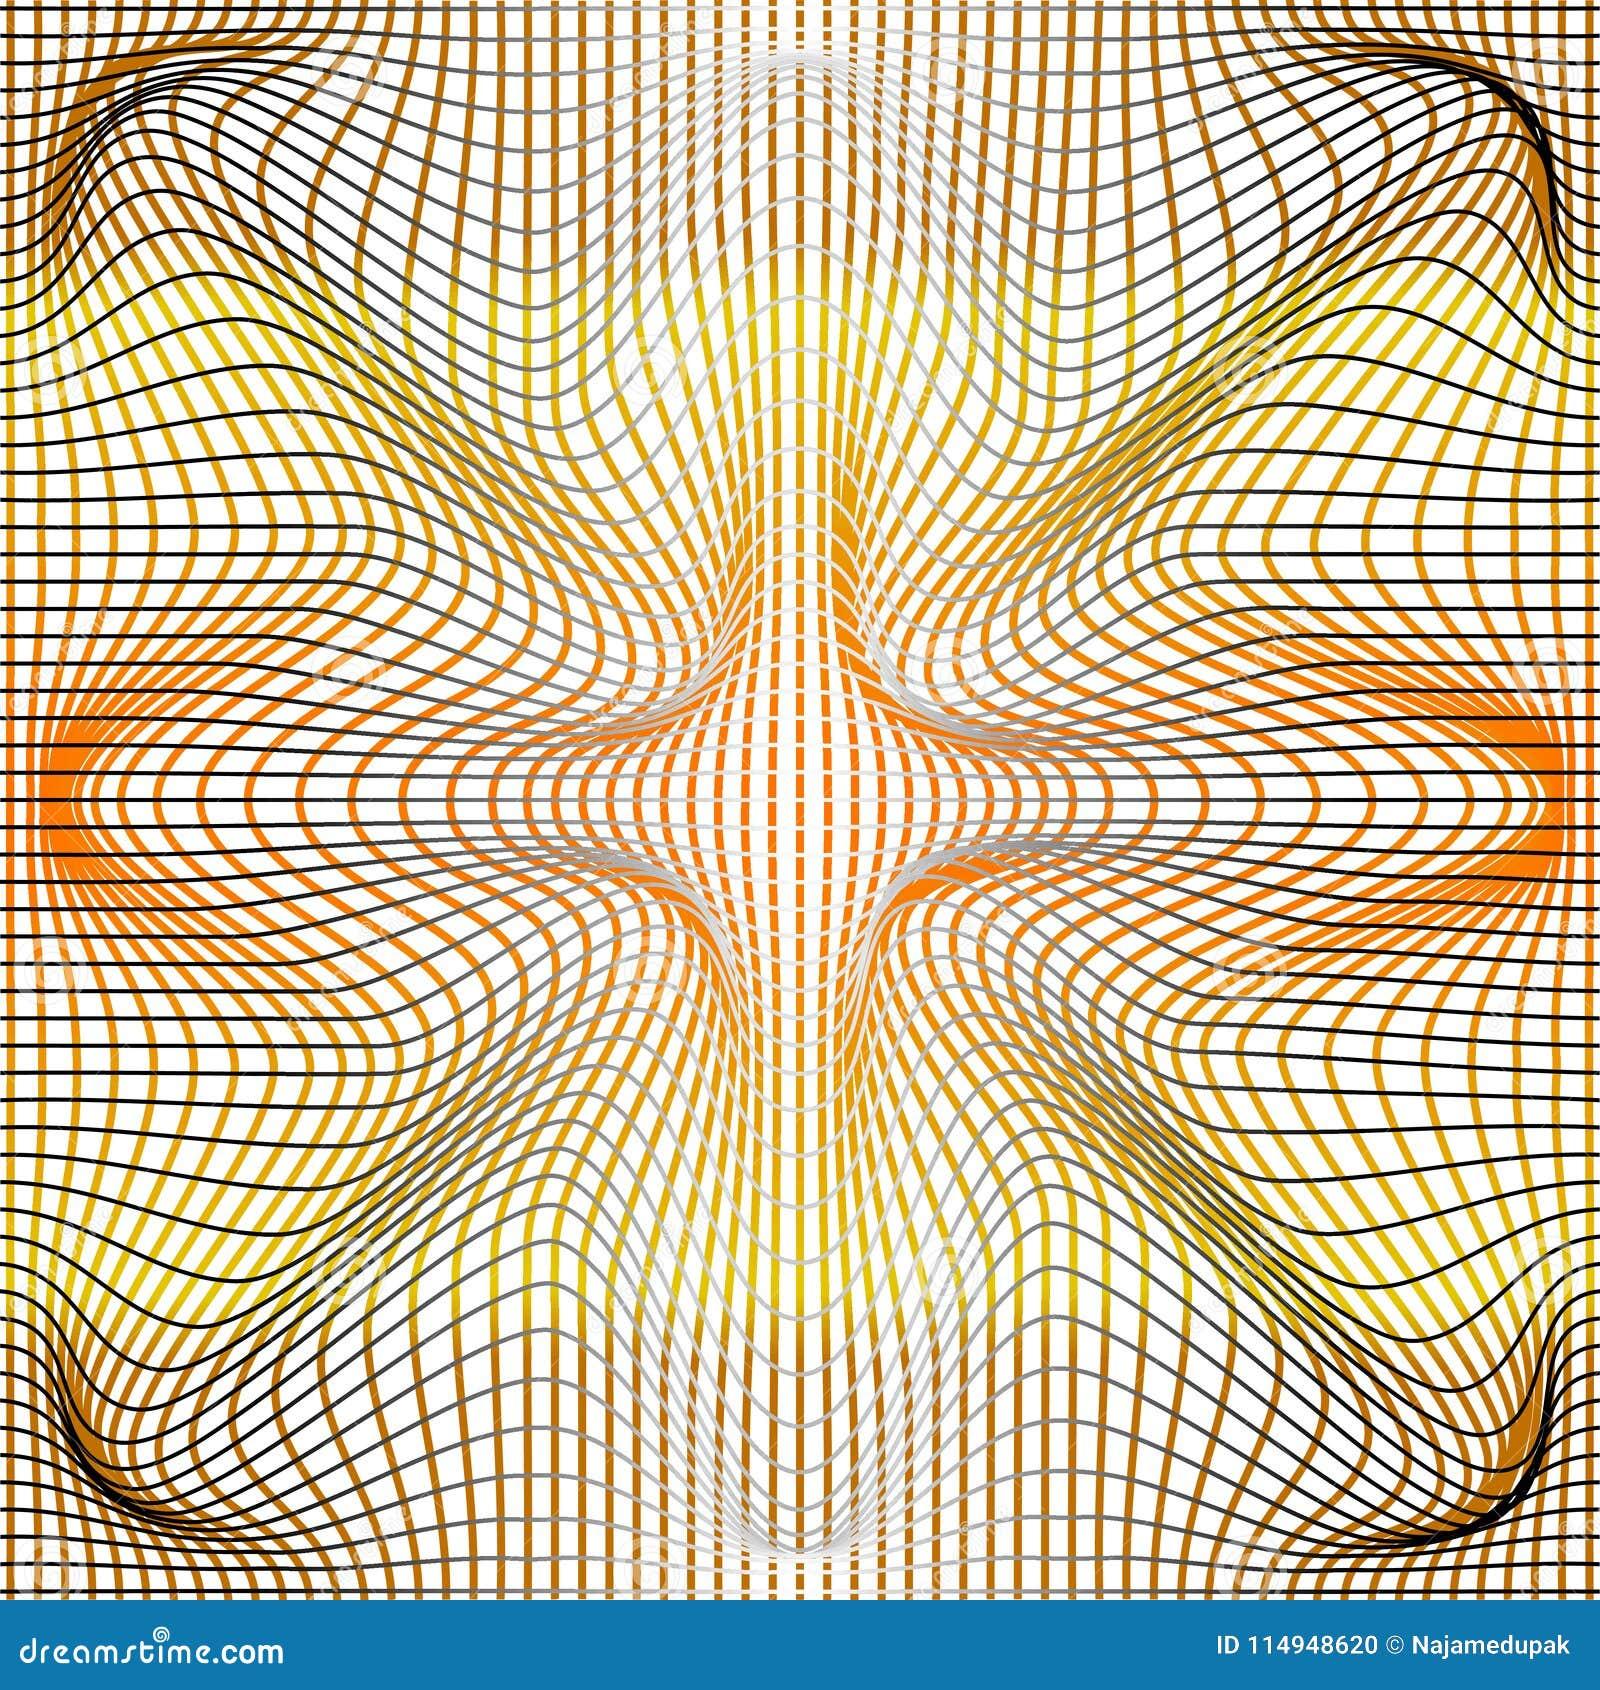 Den grå vektorillustrationen av lutningen som är guld- och, förvrider, och deformering netto eller ingreppet snedvrider textur